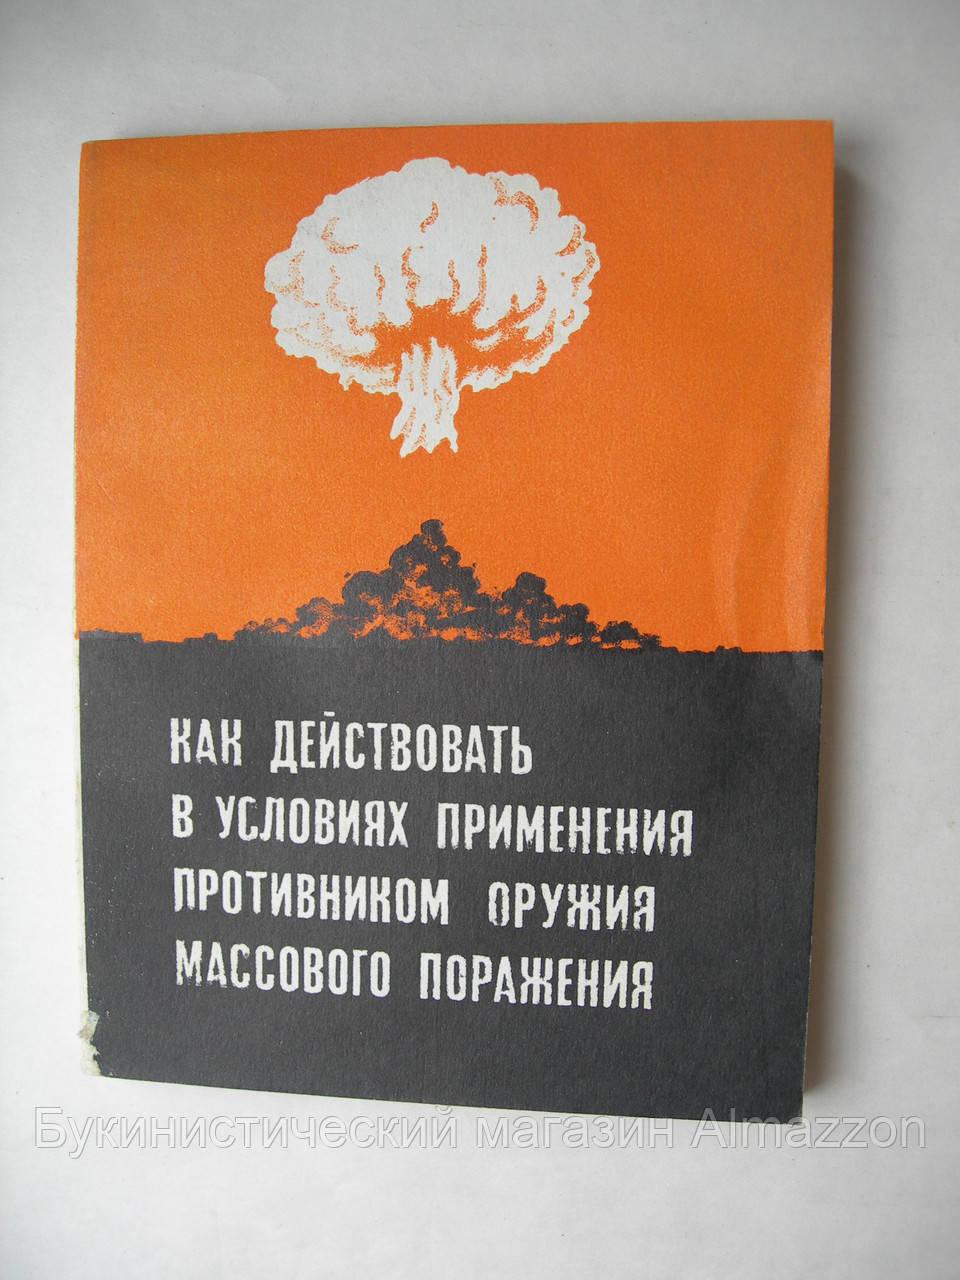 Как действовать в условиях применения противником оружия массового поражения. Памятка солдату войск ПВО.